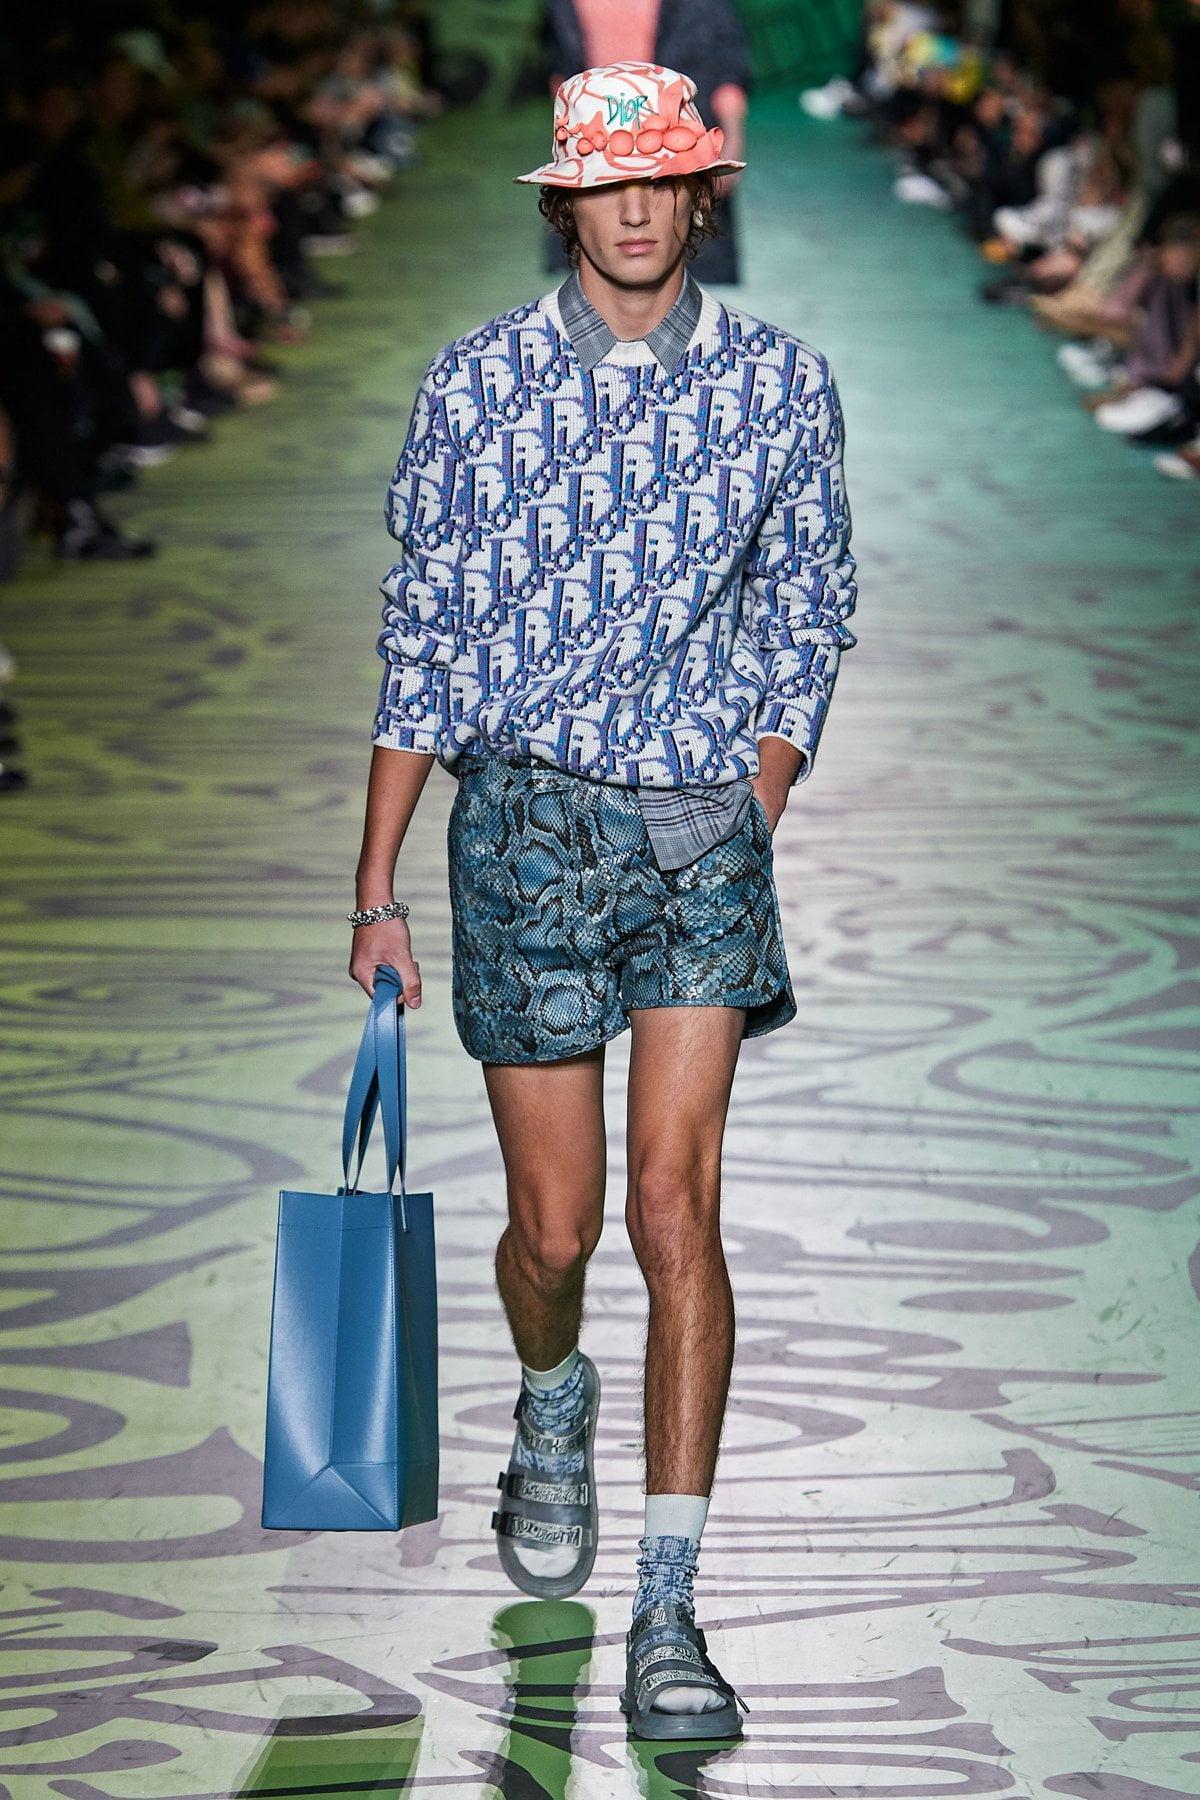 Dior muốn đánh gục cả thế giới với dòng thời trang nam đầy nhục cảm 4